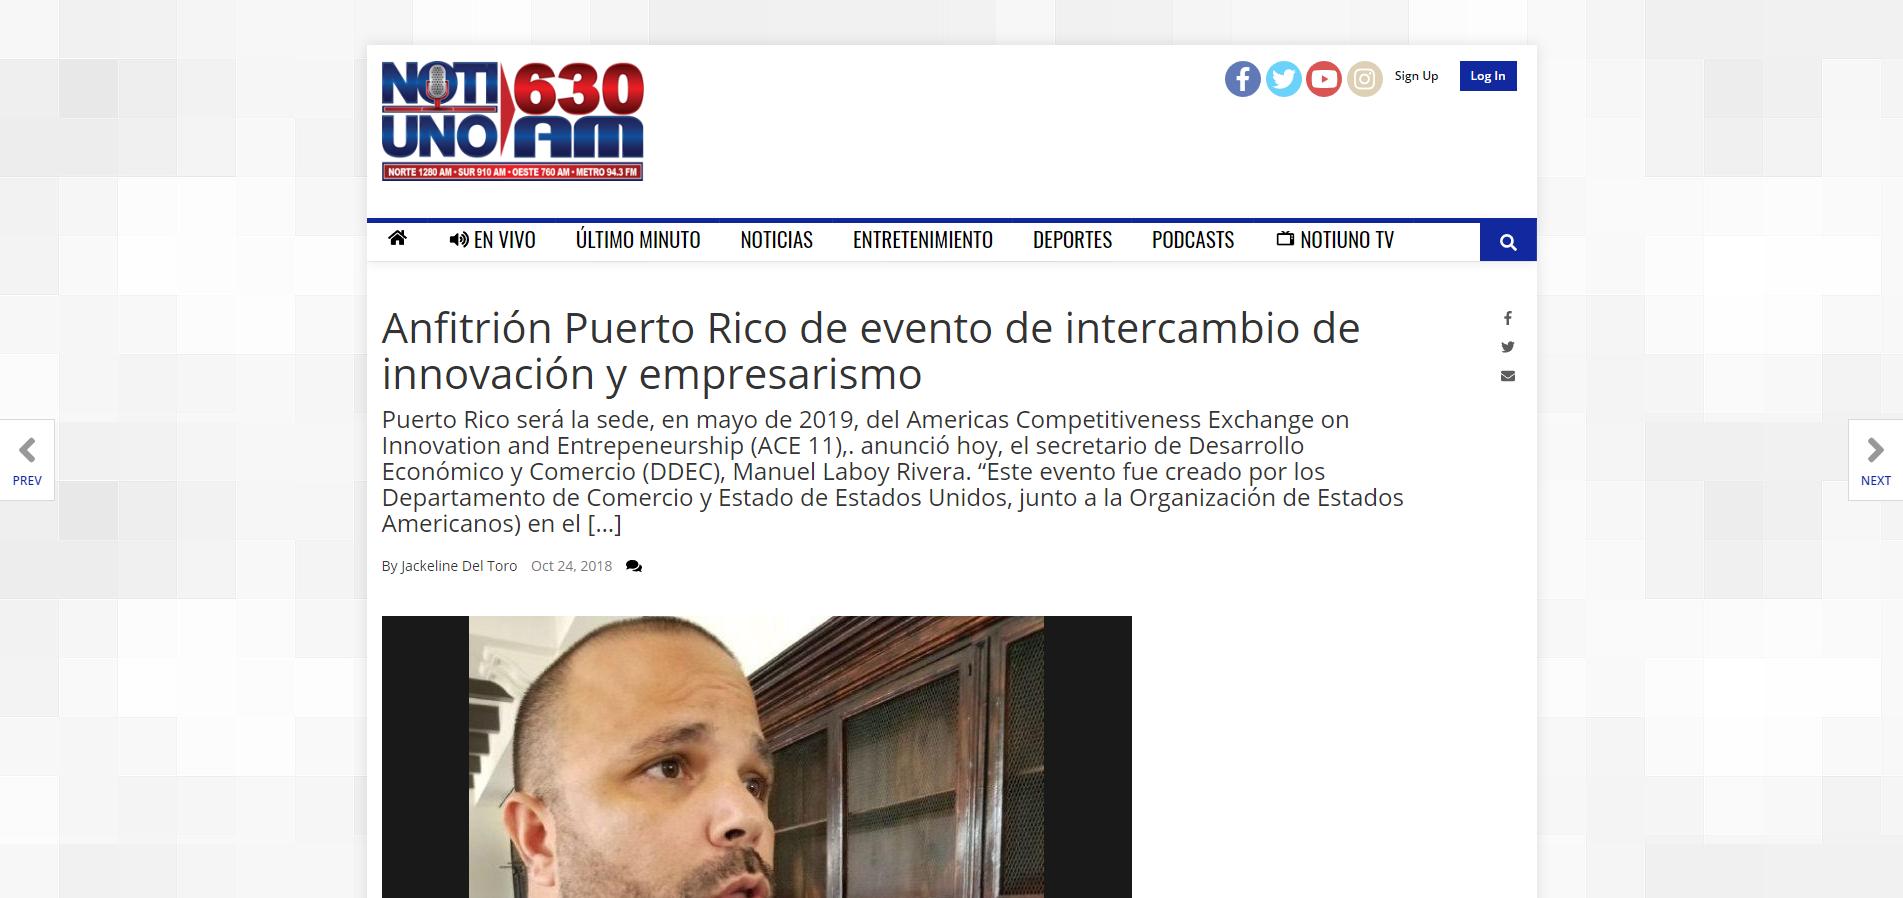 """""""Anfitrión Puerto Rico de Evento de Intercambio de Innovación y Empresarismo"""", Noti Uno, Octubre 24, 2019,"""